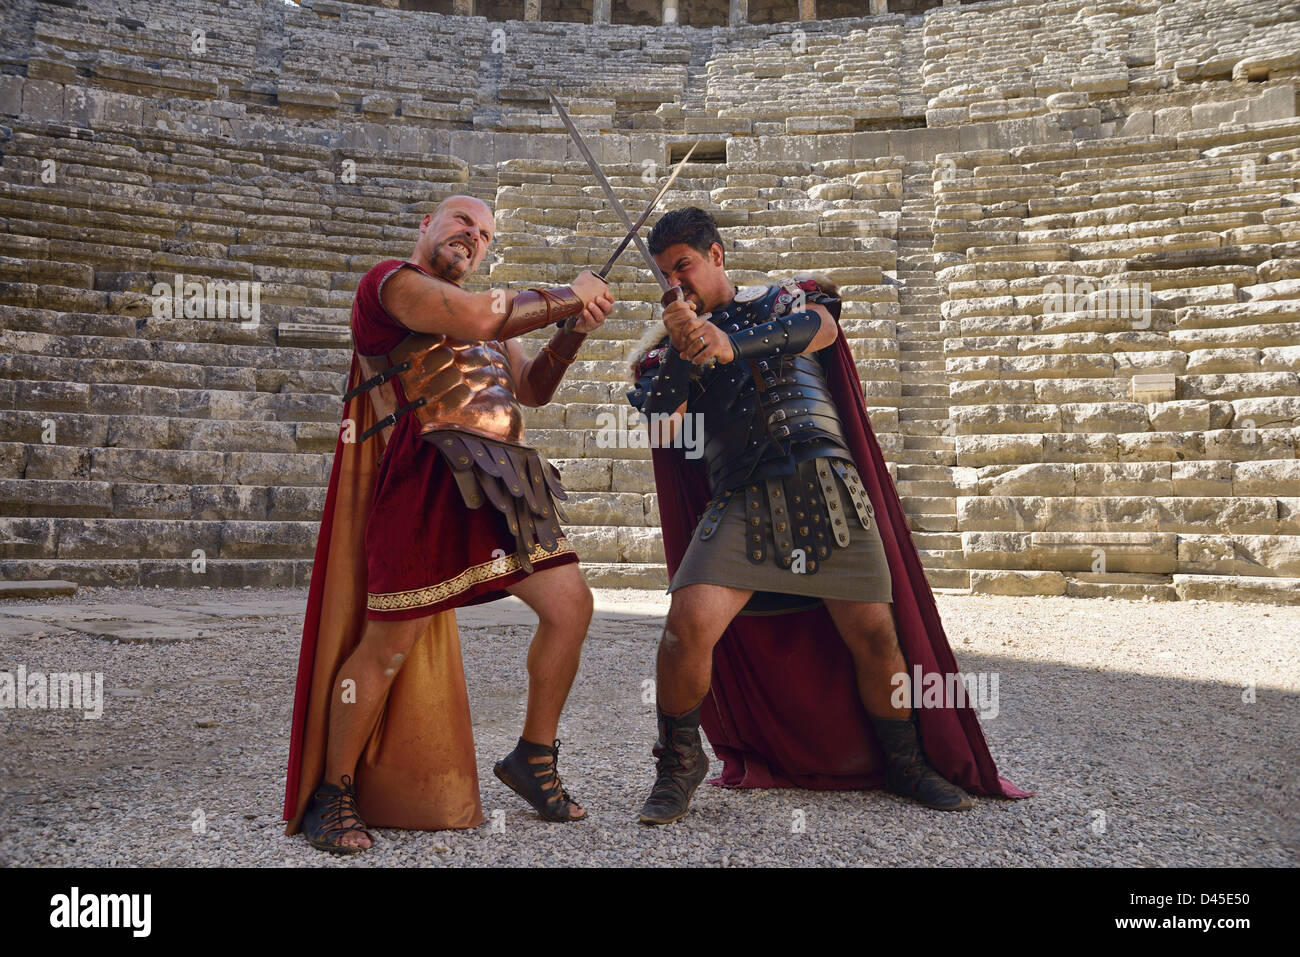 Gladiateurs romains les combats à l'épée sur la scène de théâtre aspendos turquie Photo Stock